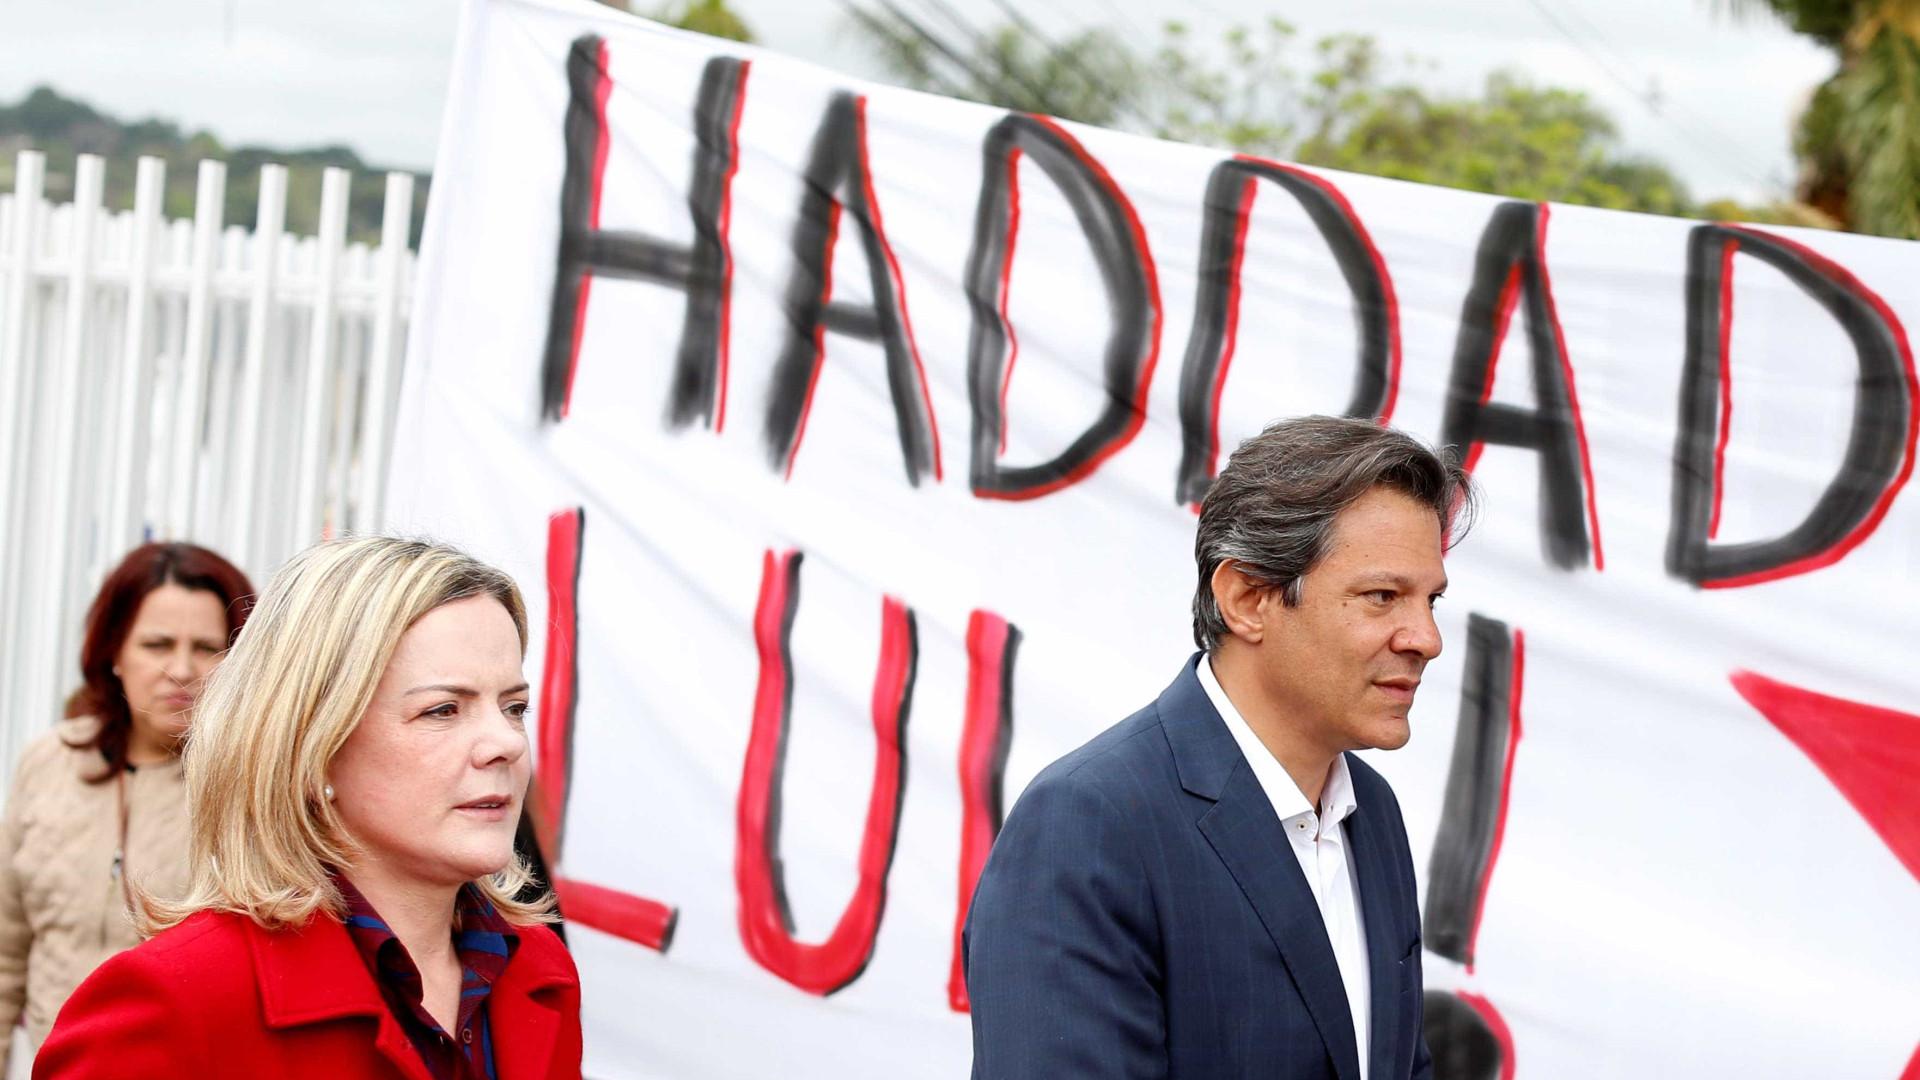 PT muda estratégia e parte para o ataque a Bolsonaro